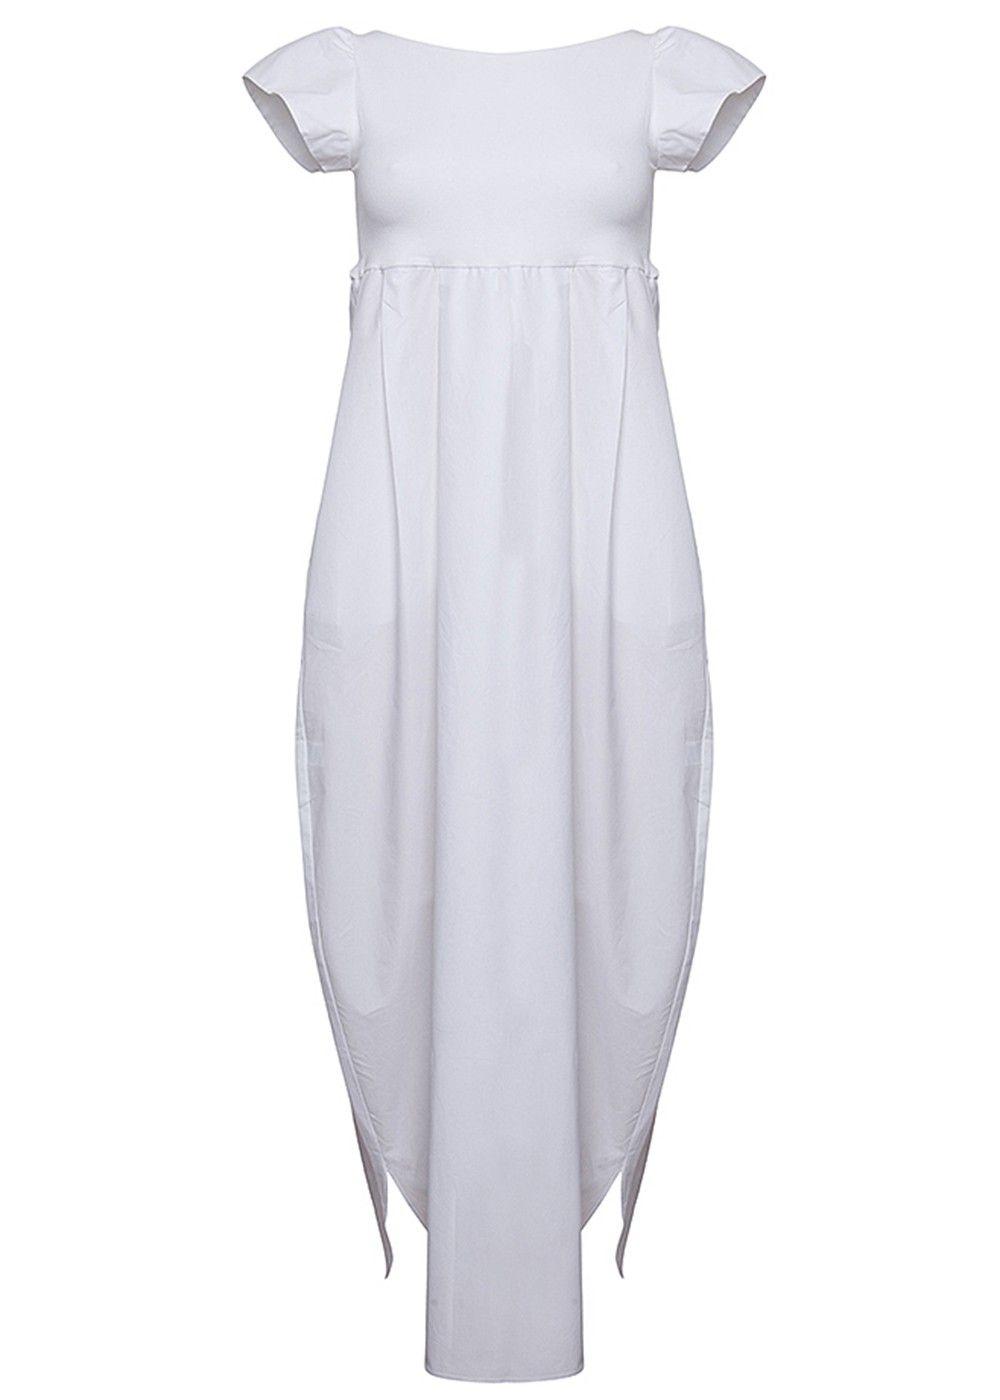 Ioanna Kourbela Tulip Dress Stylebubbles Tulip Dress Dresses Clothes [ 1400 x 1000 Pixel ]